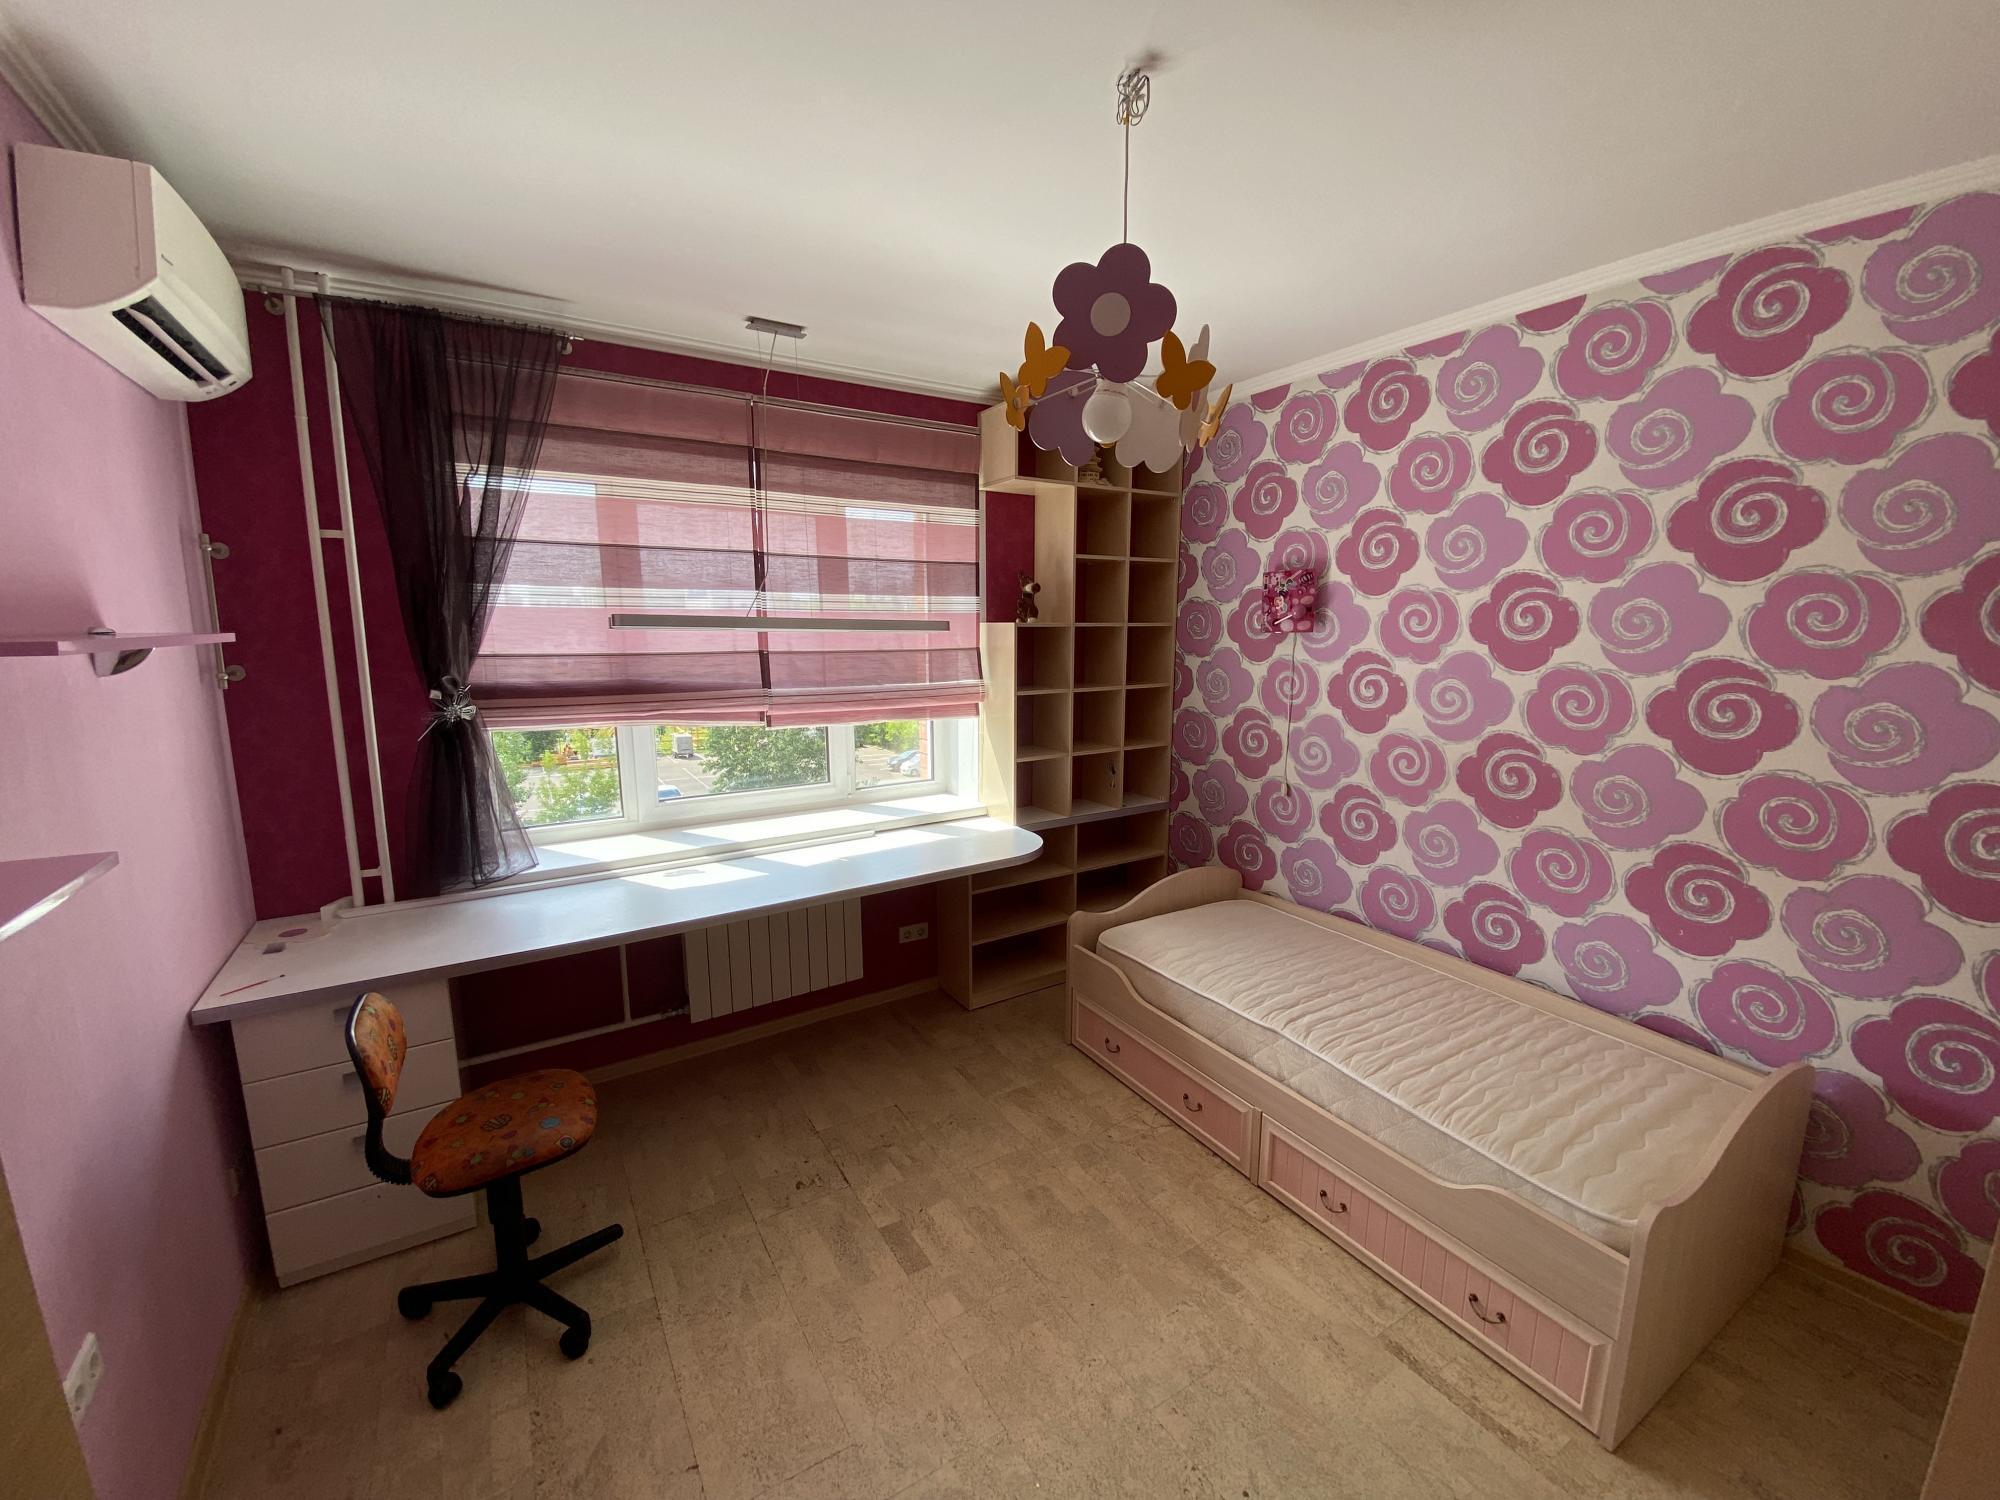 3к квартира улица Авиаторов, 33 | 45000 | аренда в Красноярске фото 1